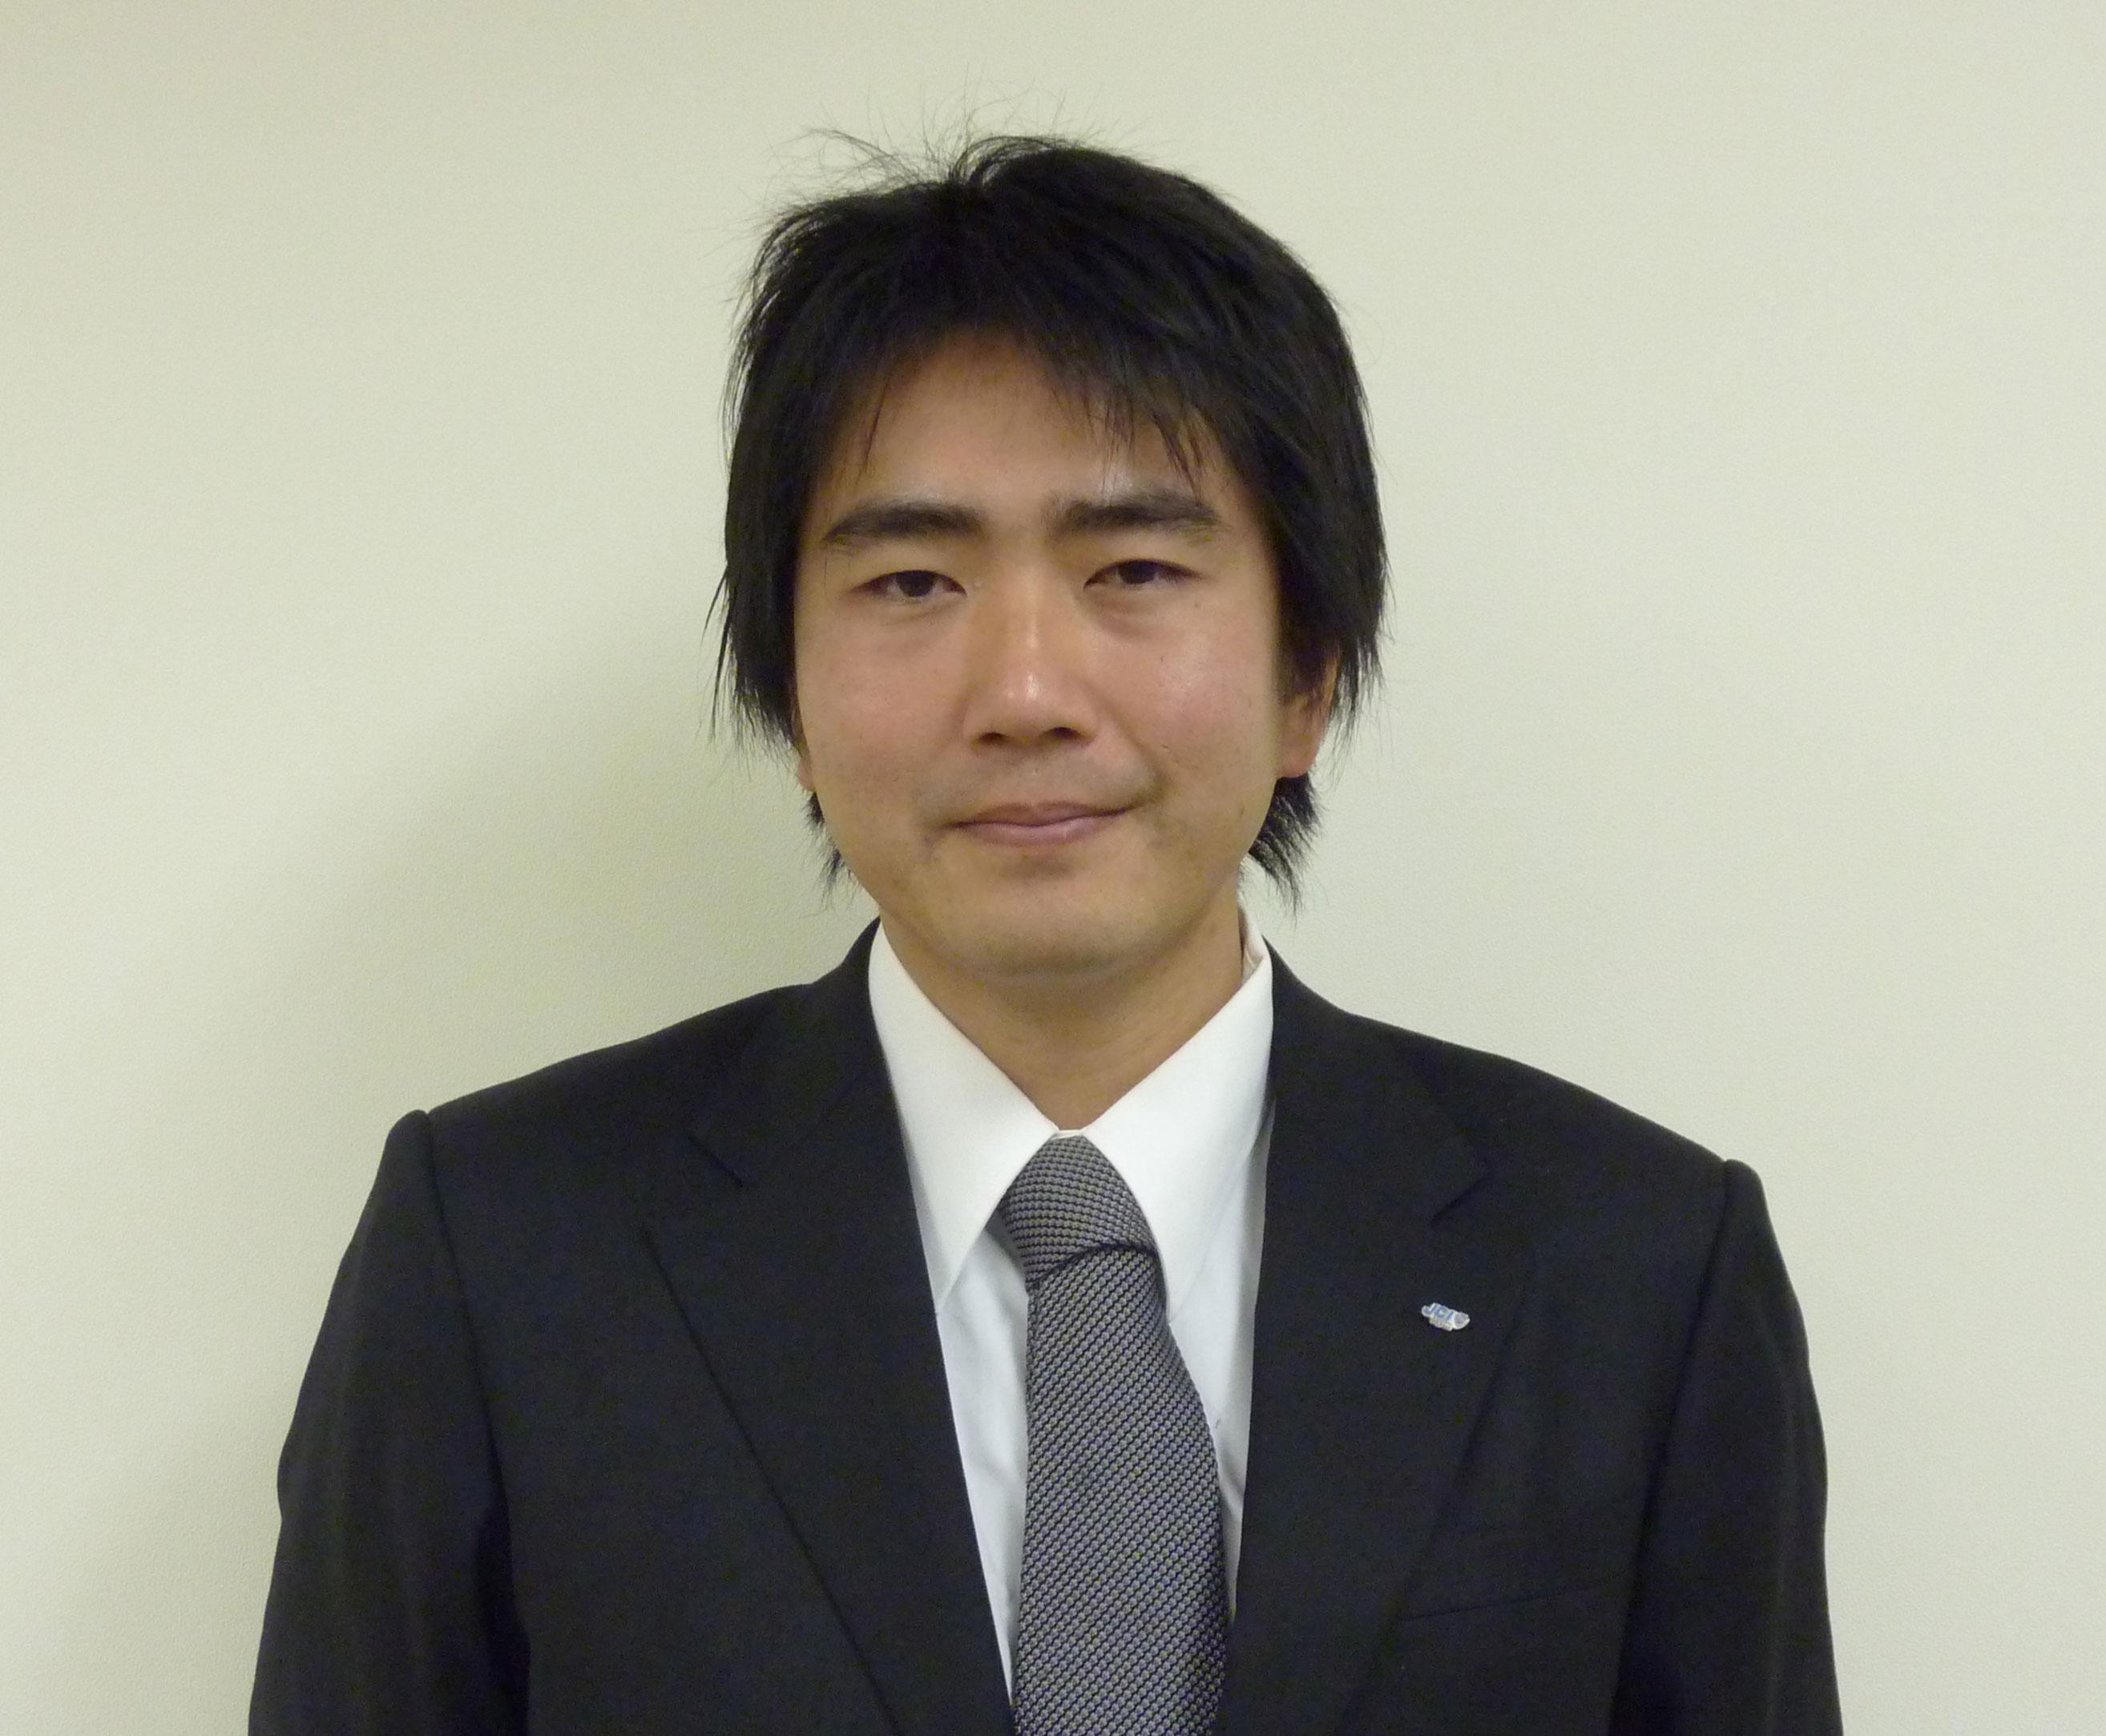 富山の便利屋アライブサポート 代表者 プロフィール